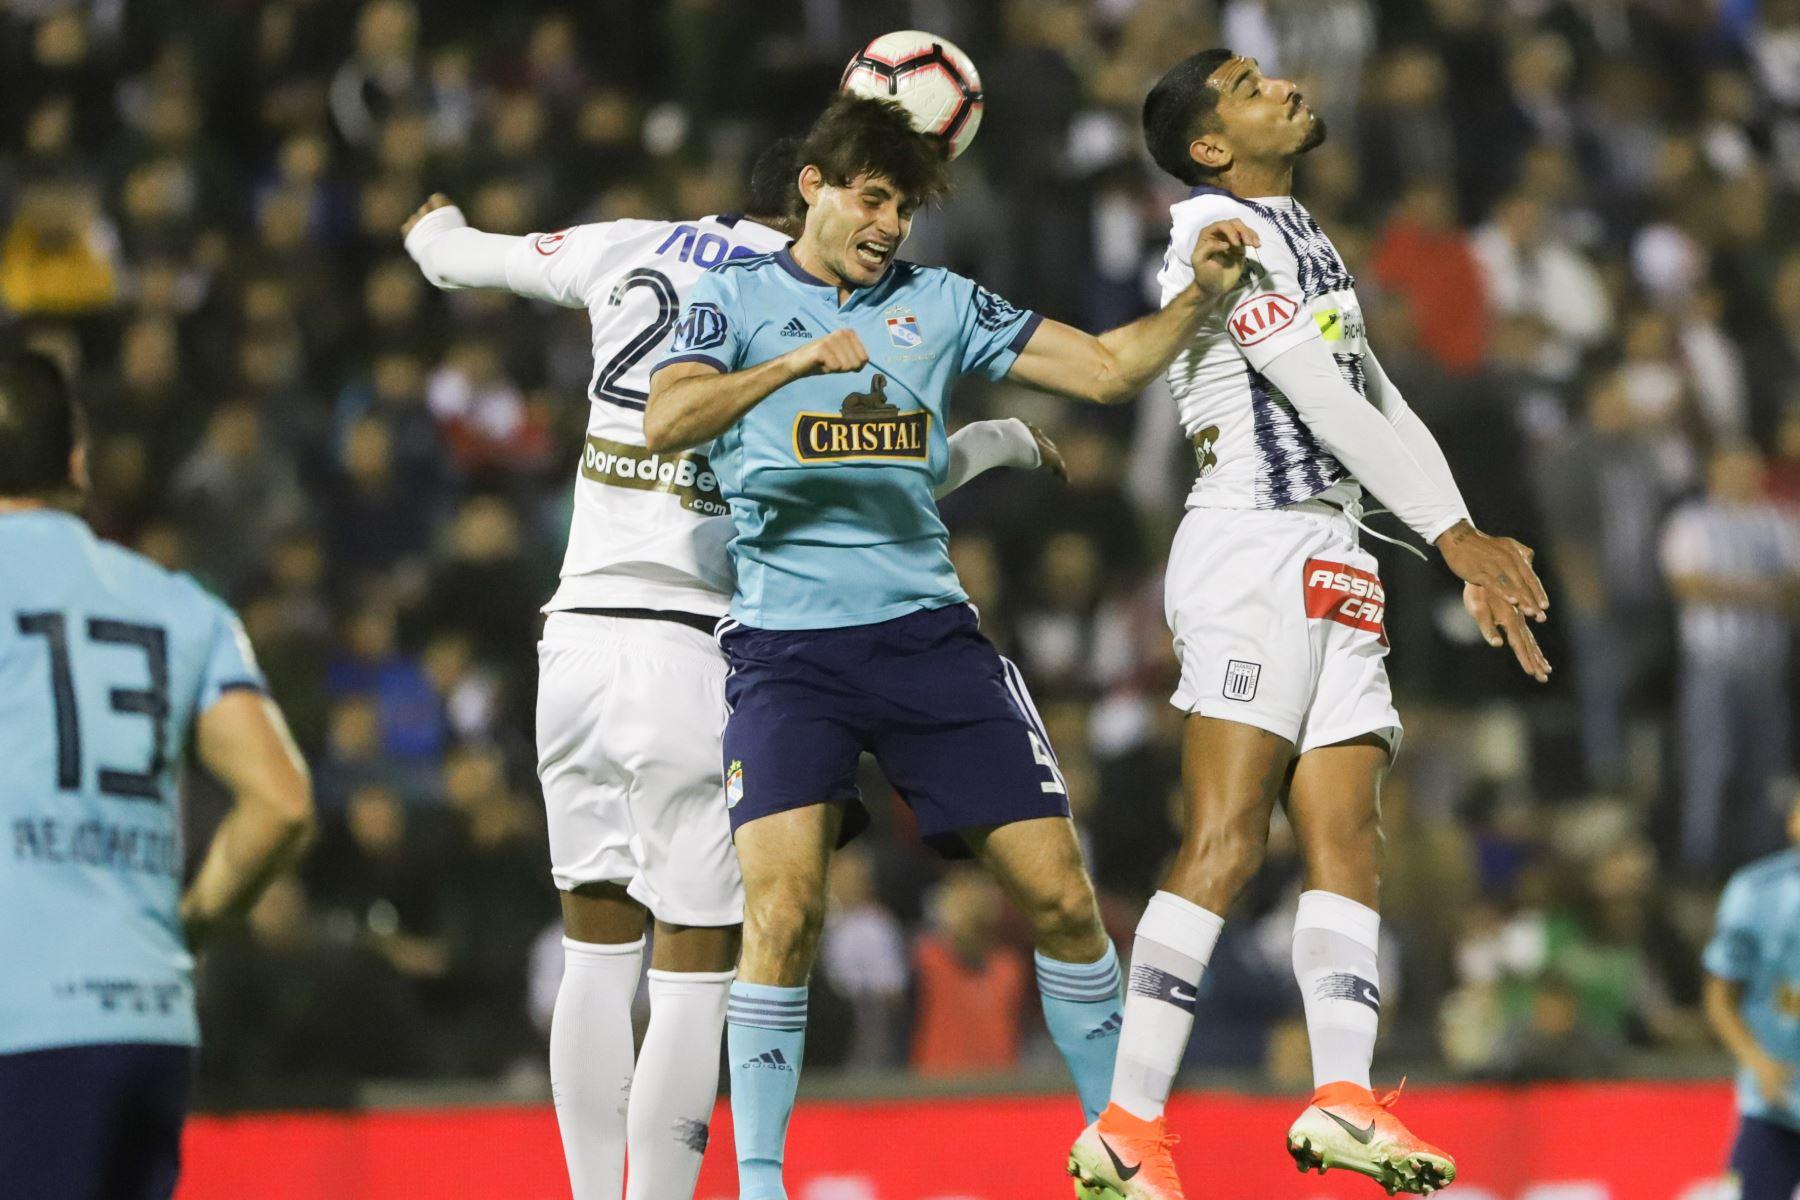 Alianza Lima y Sporting Cristal disputan, en el estadio Alejandro Villanueva, el partido más importante de la segunda jornada del torneo Clausura de la liga. Foto: ANDINA/Jorge Tello